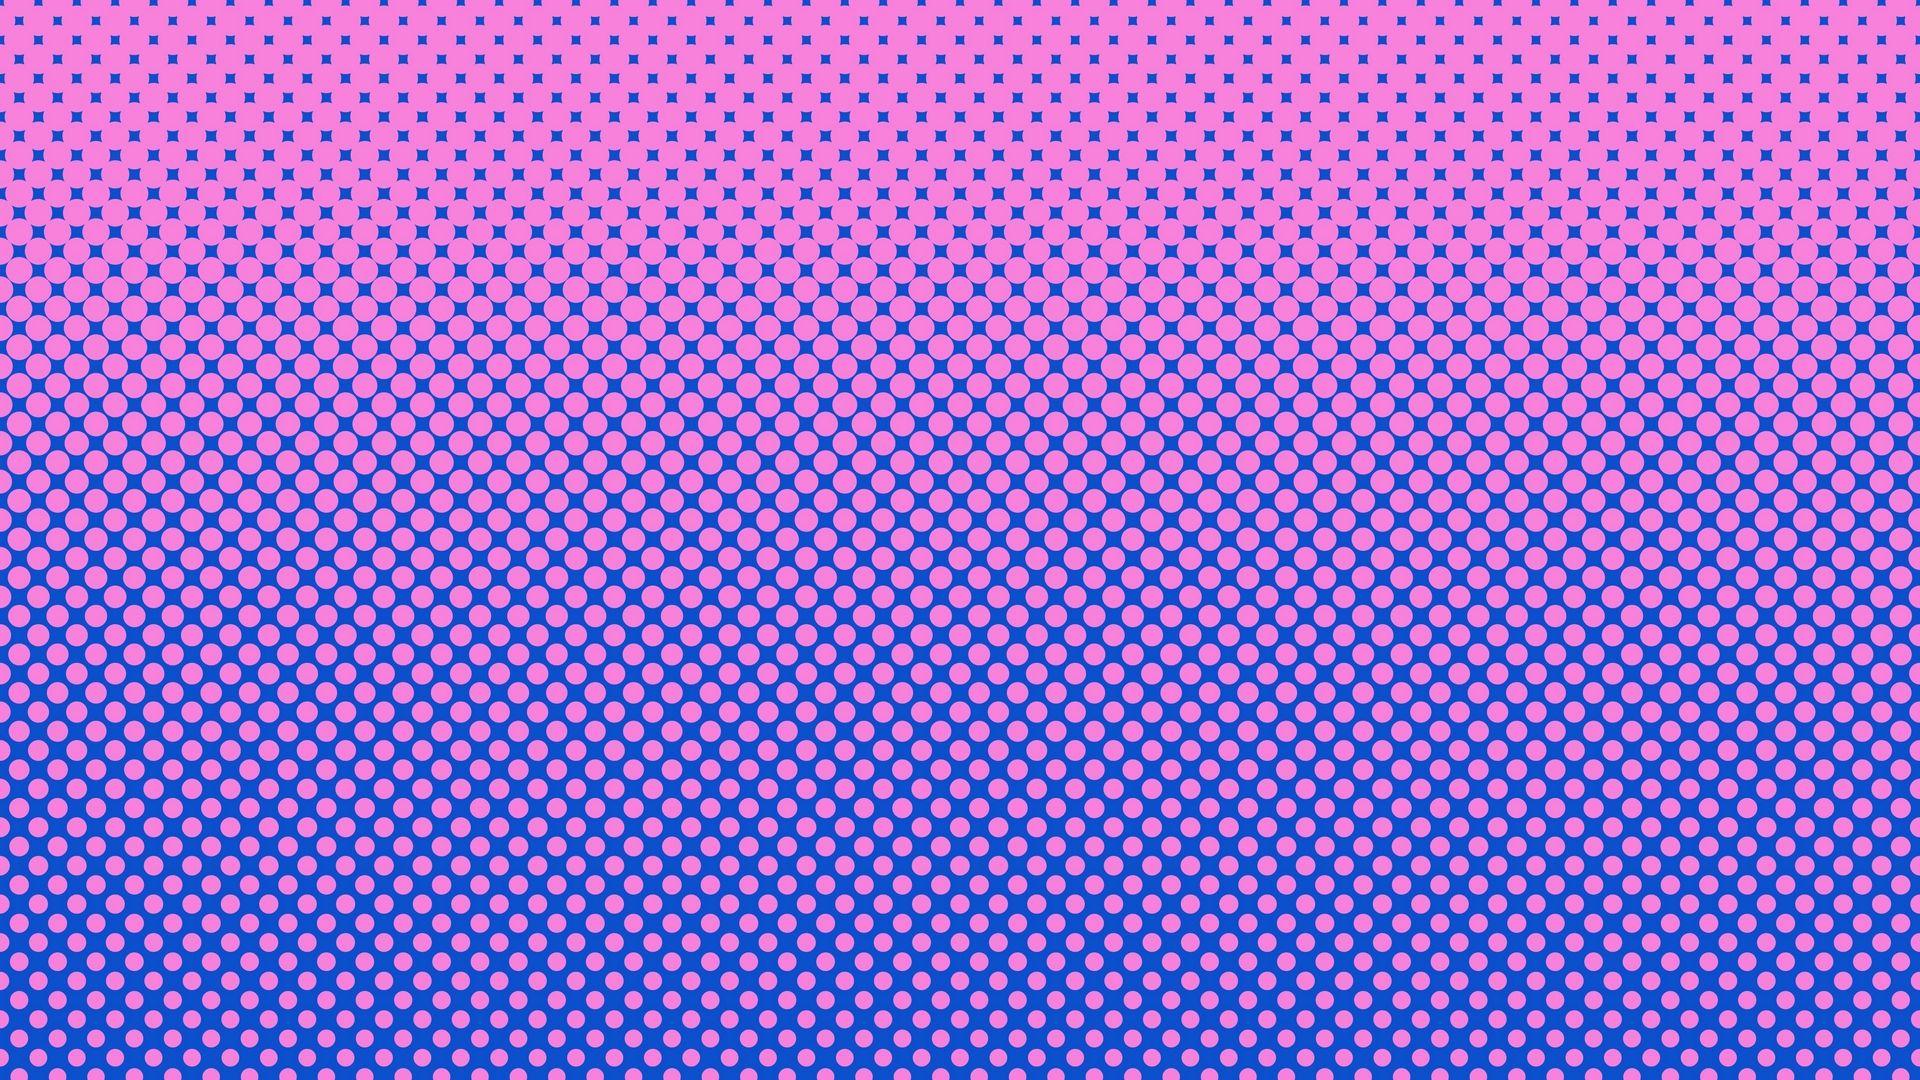 Dots Wallpaper Image